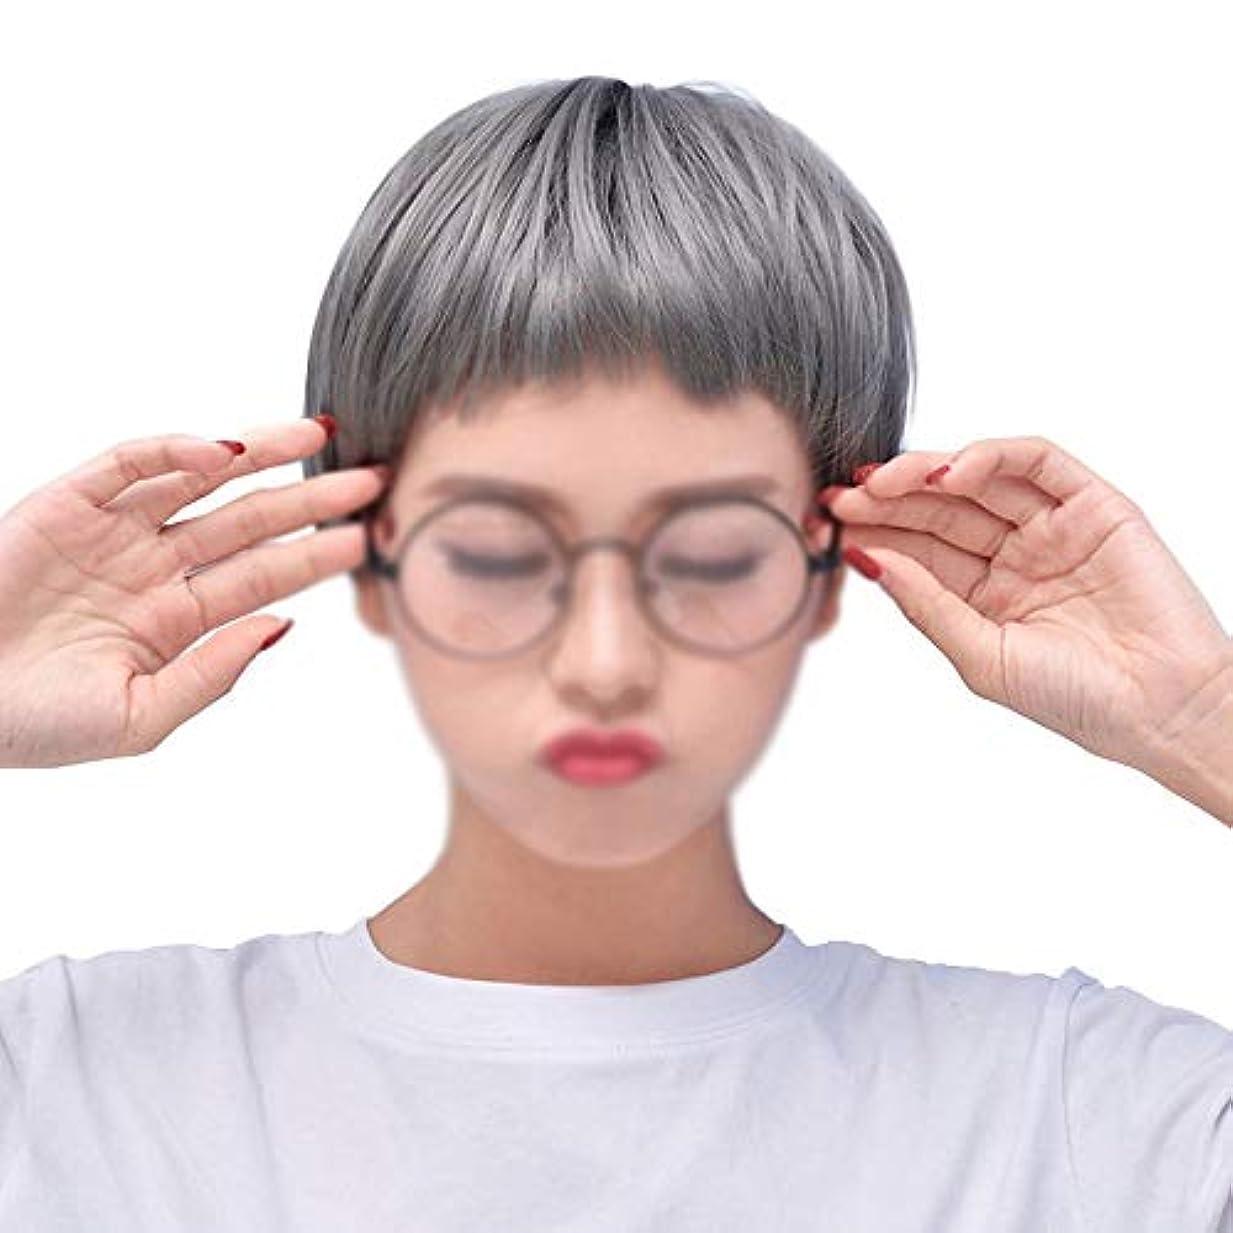 間接的韓国語トレイルWASAIO 女性用コスプレウィッグショートボブストレートヘアウィッグ (色 : グレー)